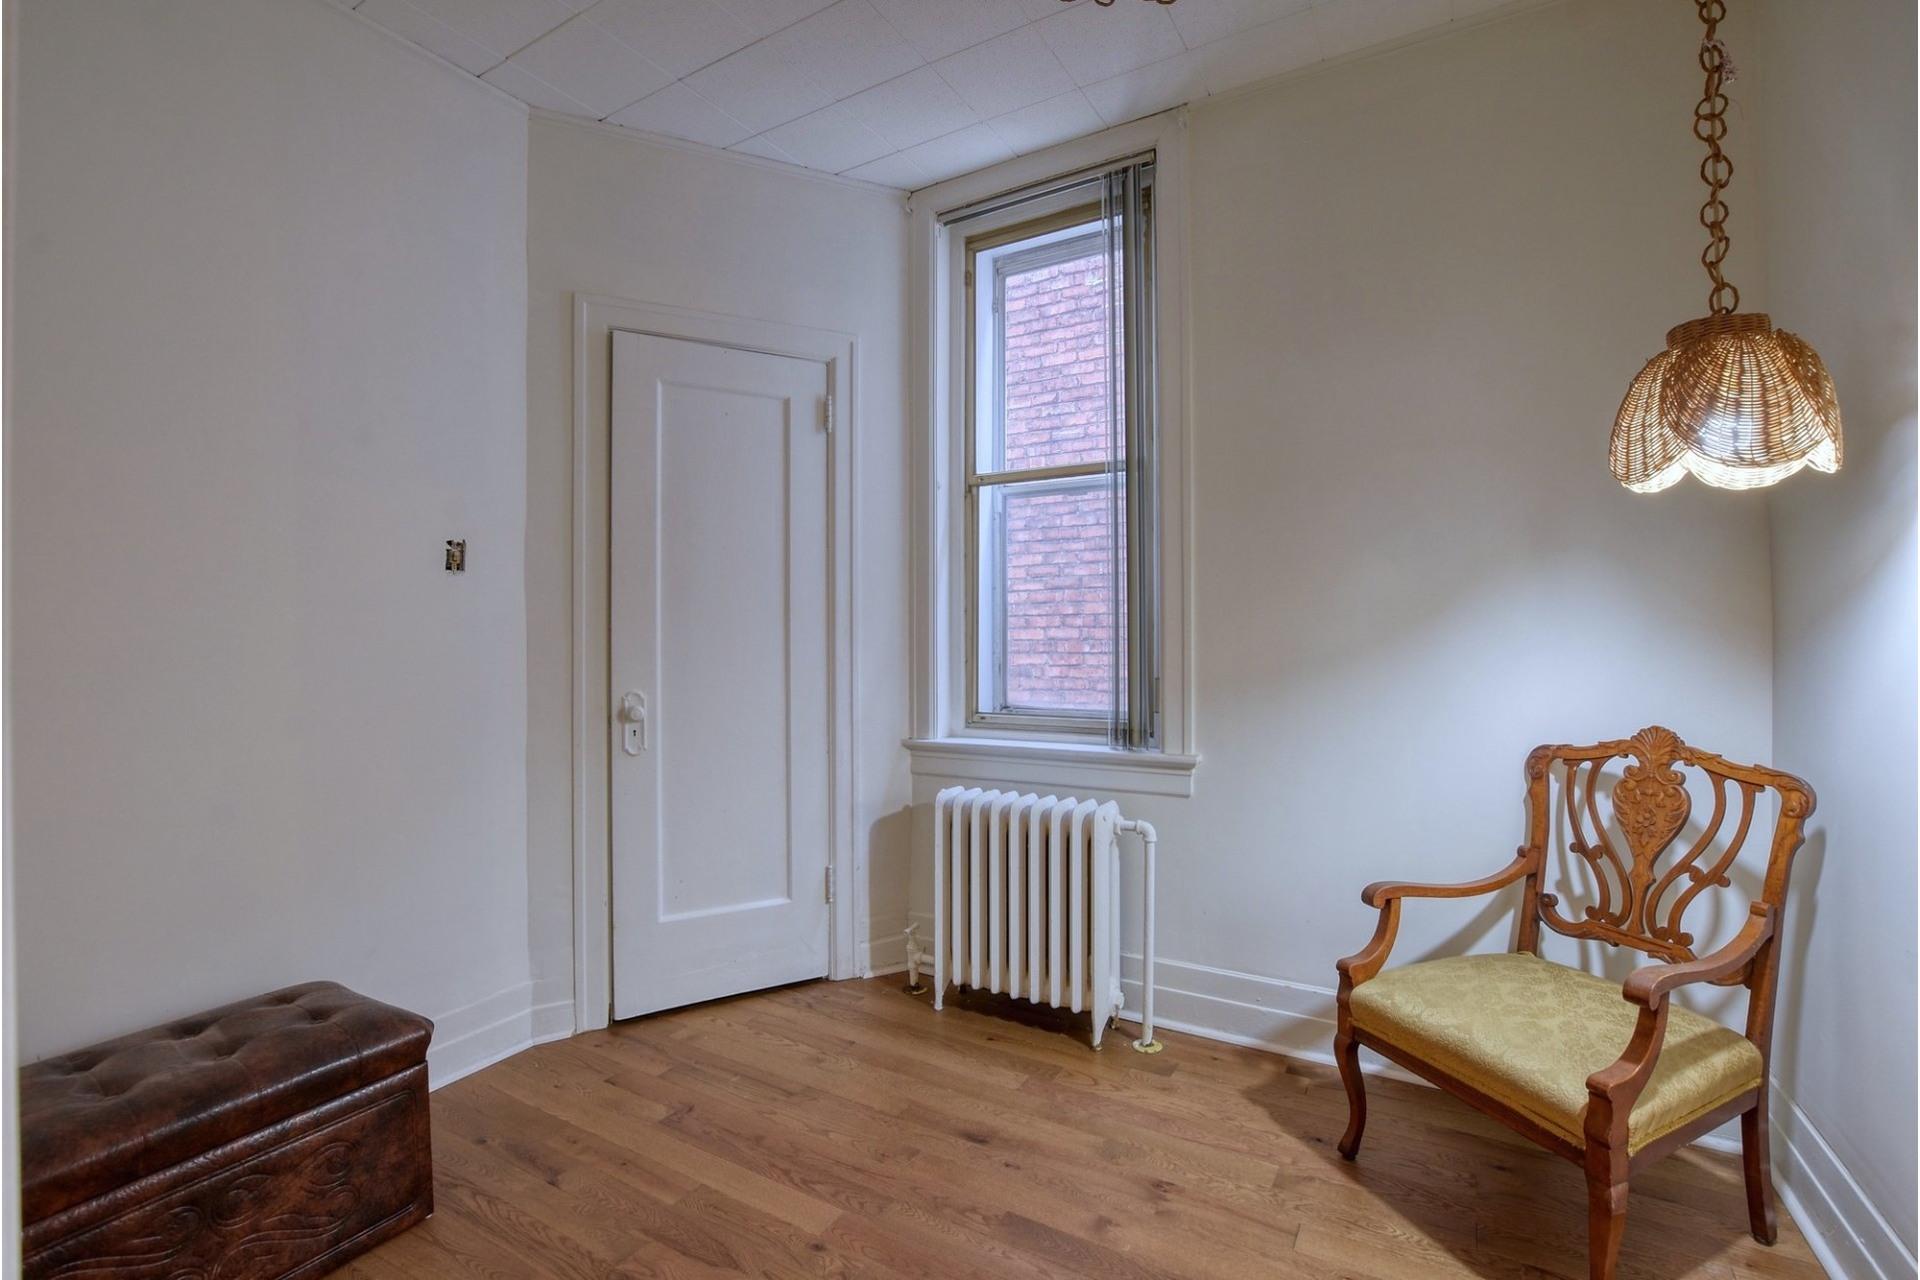 image 12 - Duplex For sale Côte-des-Neiges/Notre-Dame-de-Grâce Montréal  - 8 rooms